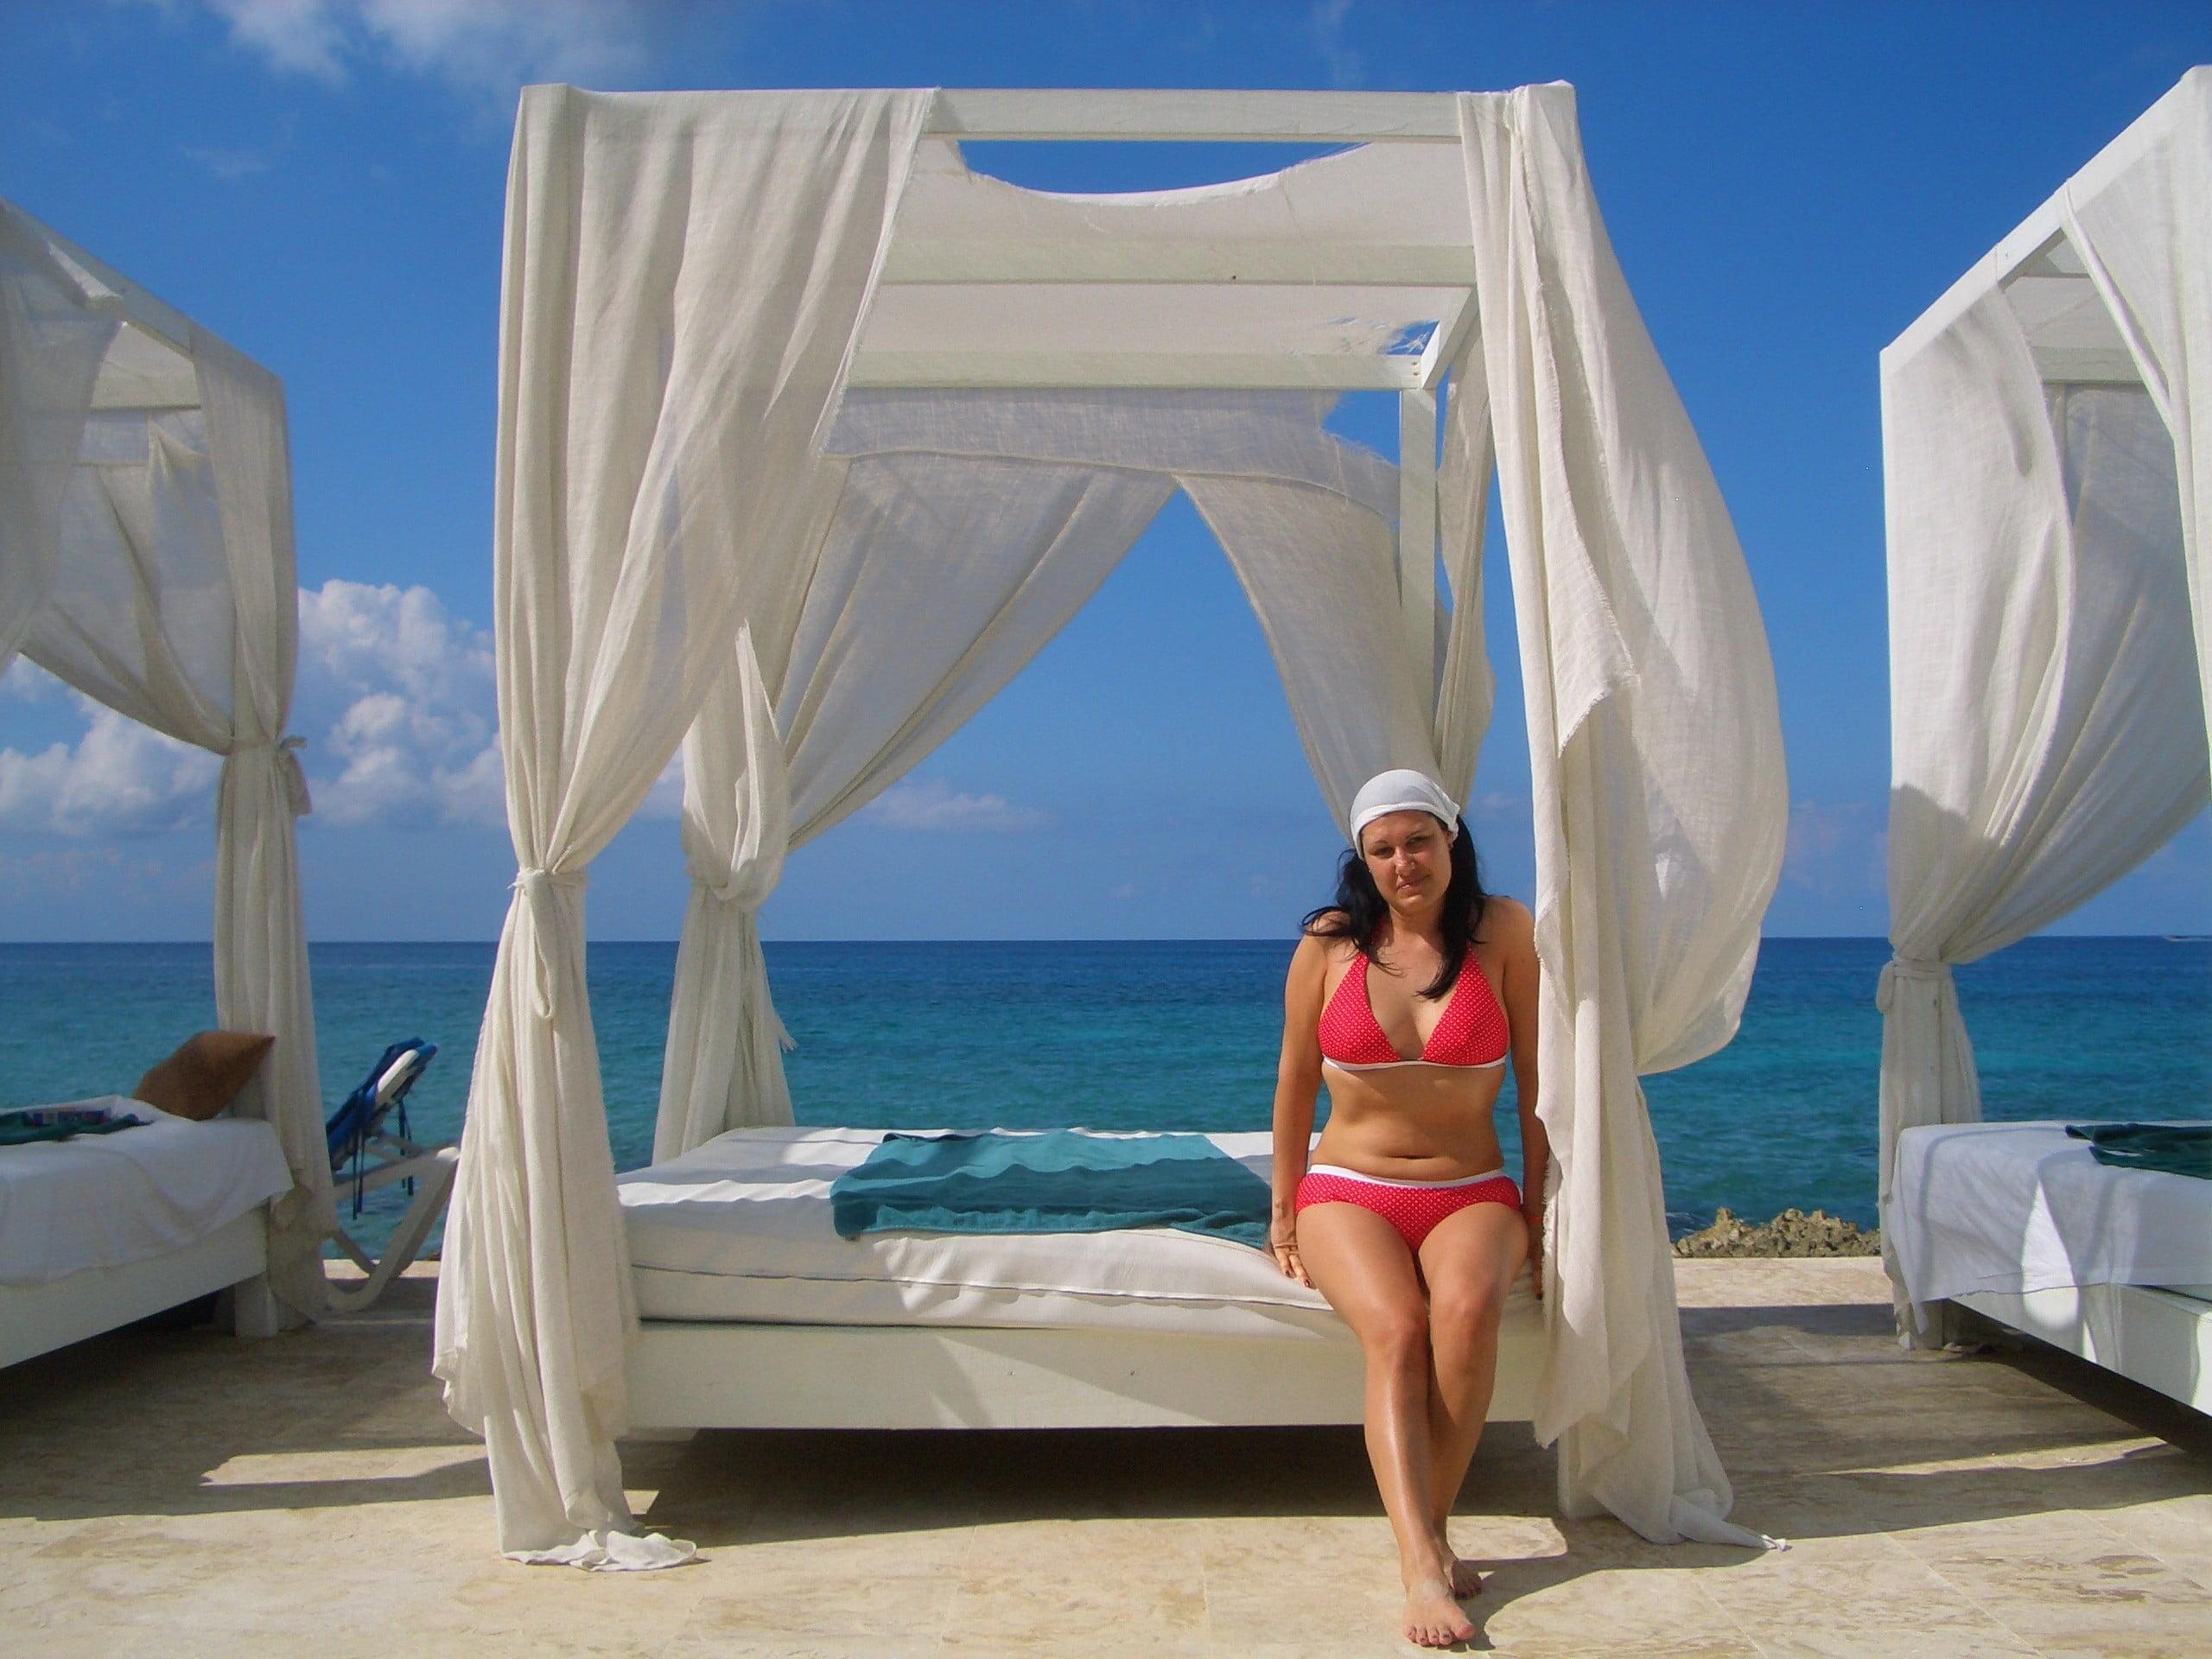 VIVA DOMINICUS BEACH REPUBBLICA DOMINICANA BAYAHIBE, I BALDACCHINI IN PISCINA CON VISTA MARE